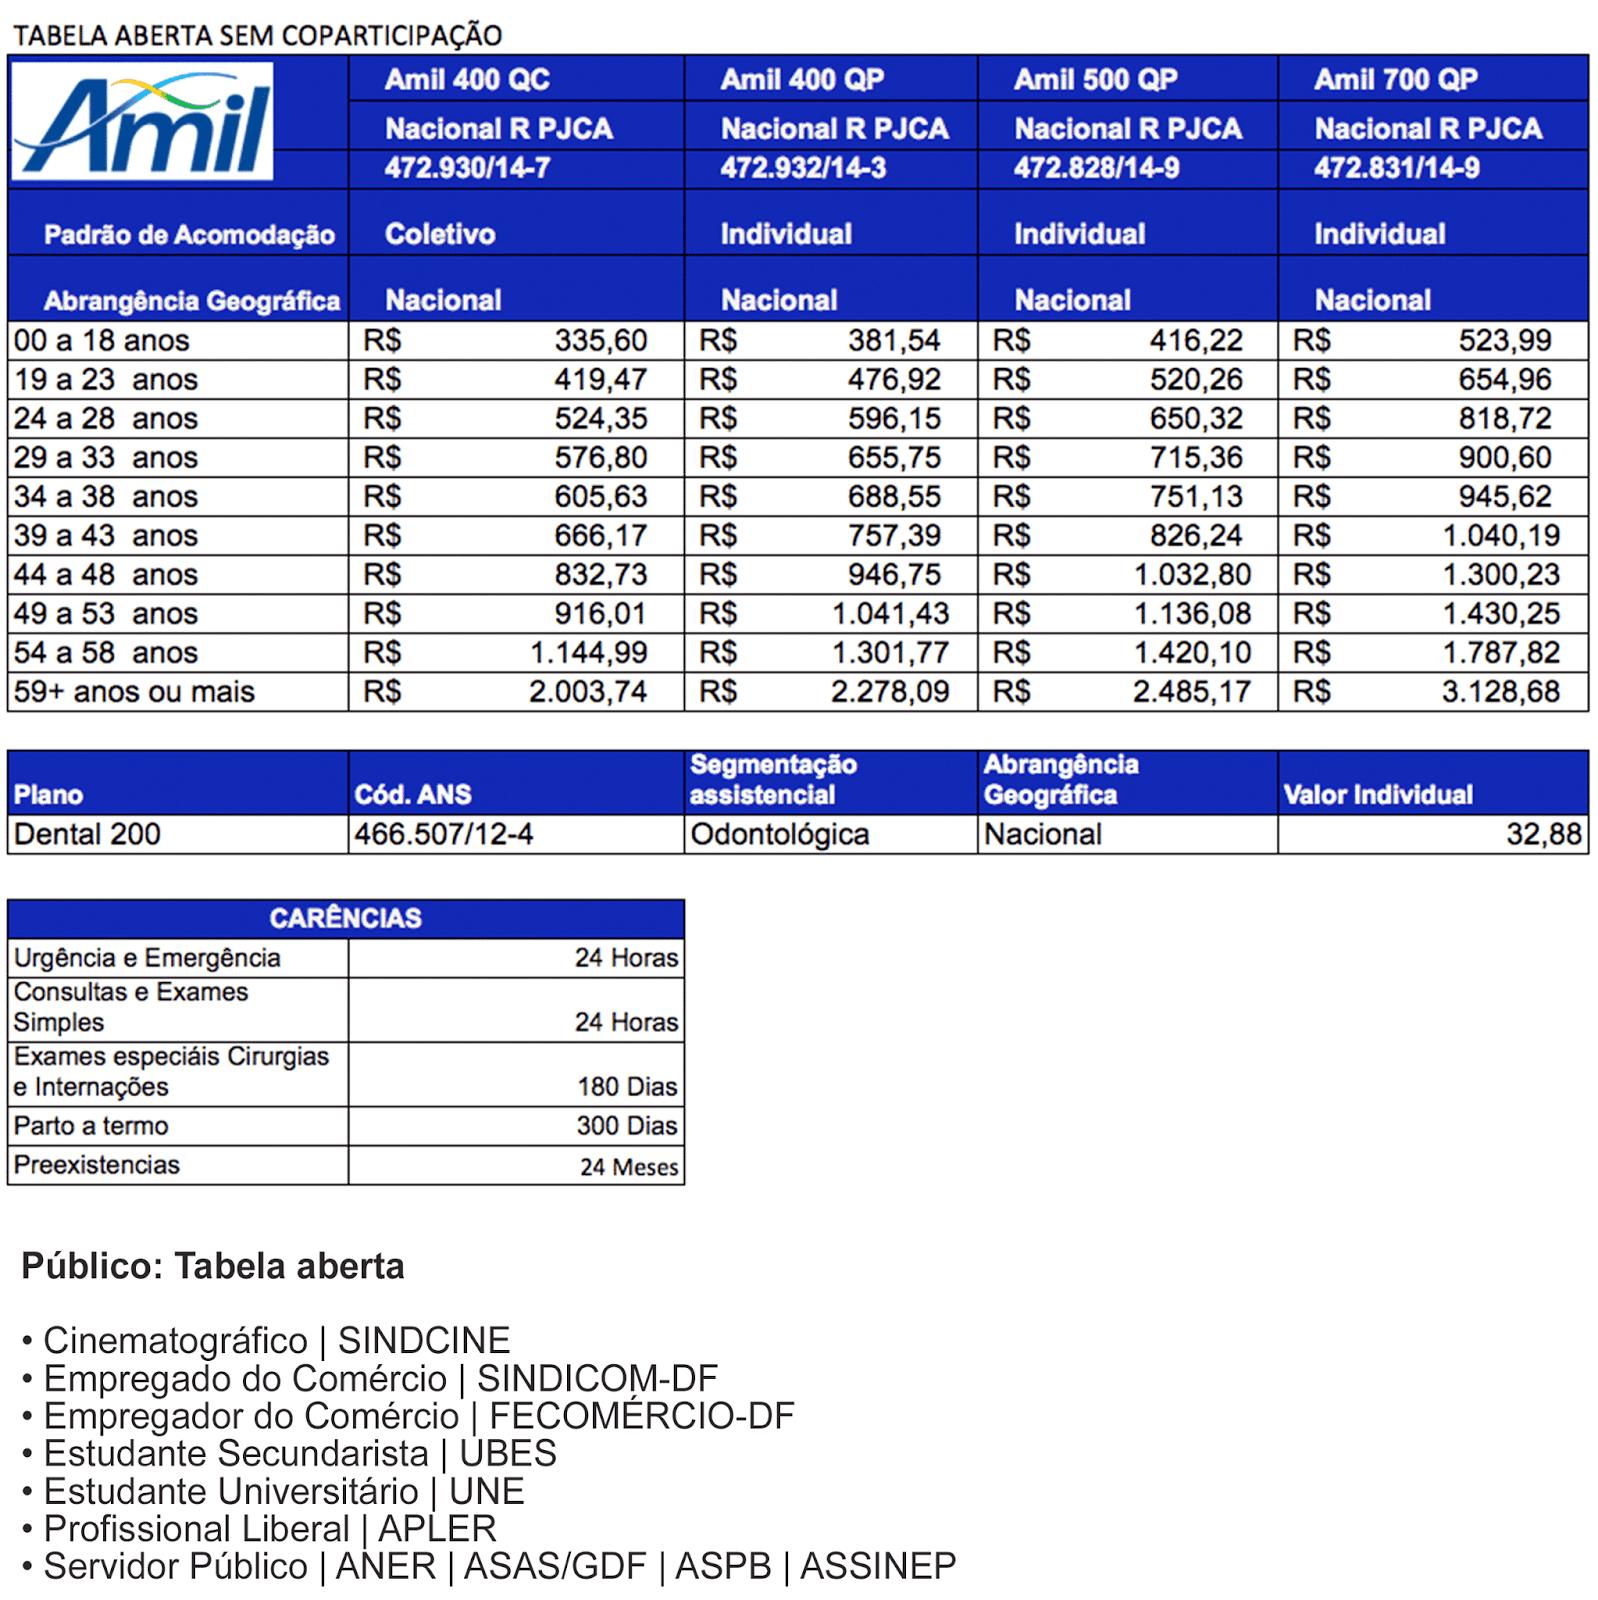 Tabela de preços dos planos de saúde Amil aberta